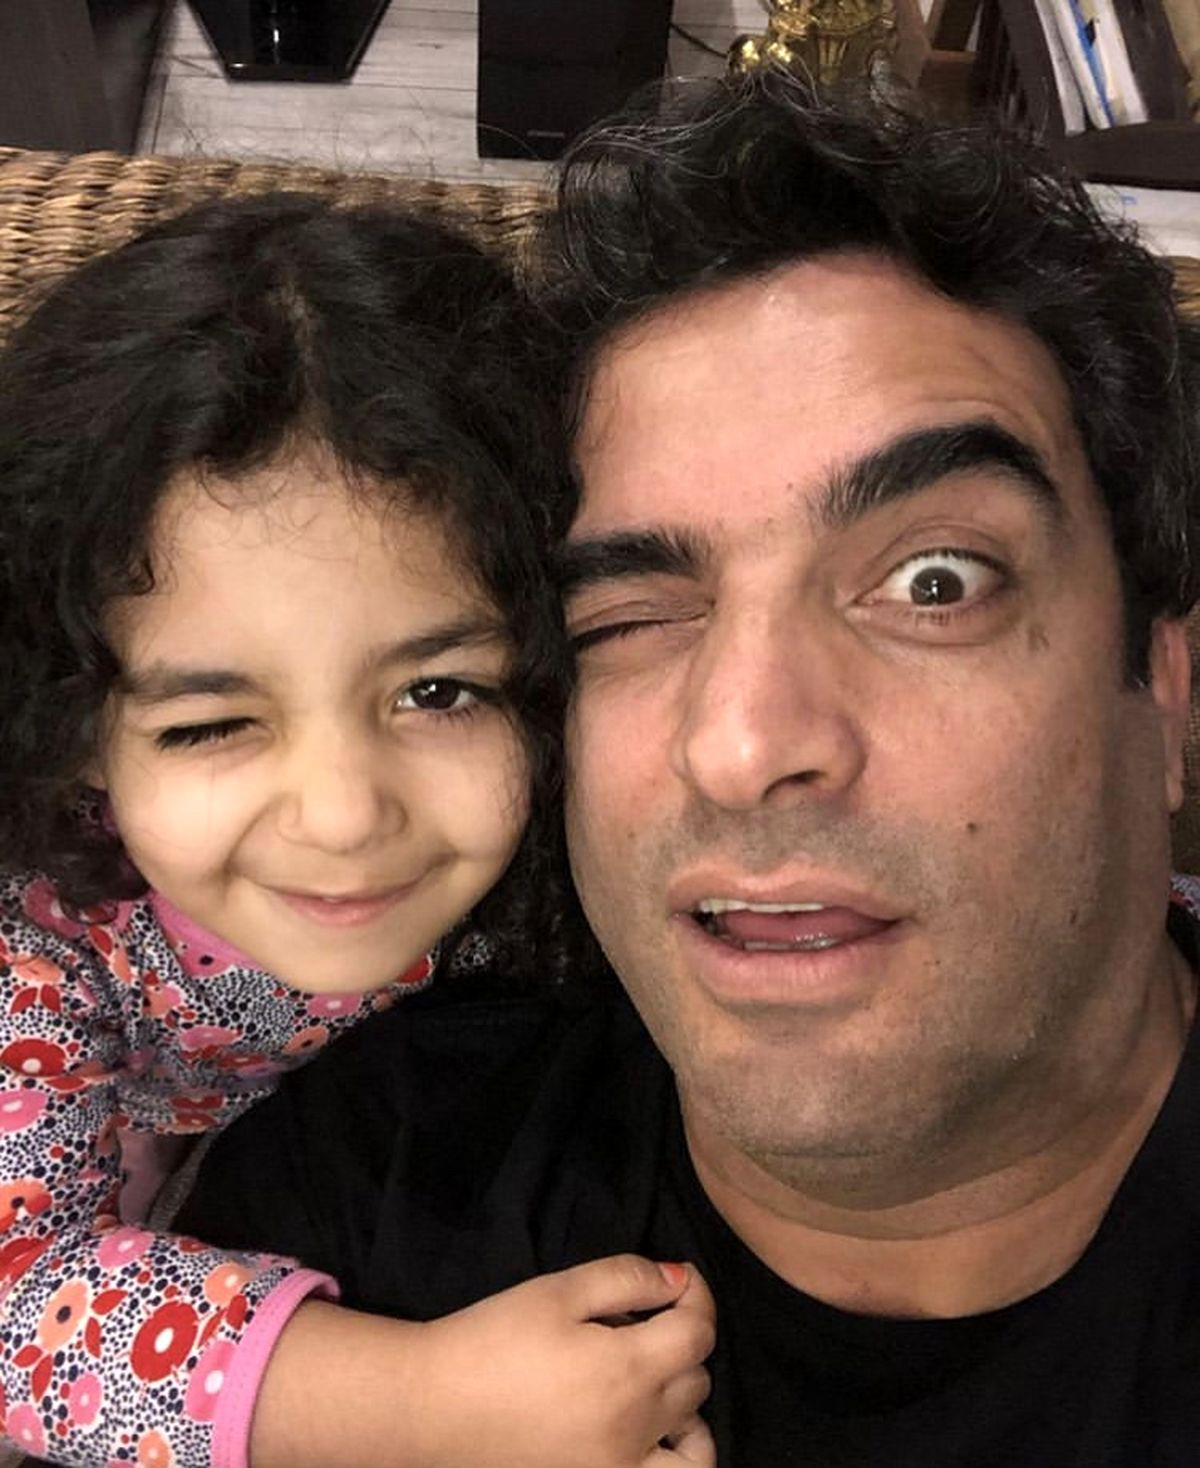 چهره بامزه منوچهر هادی و دخترش + عکس